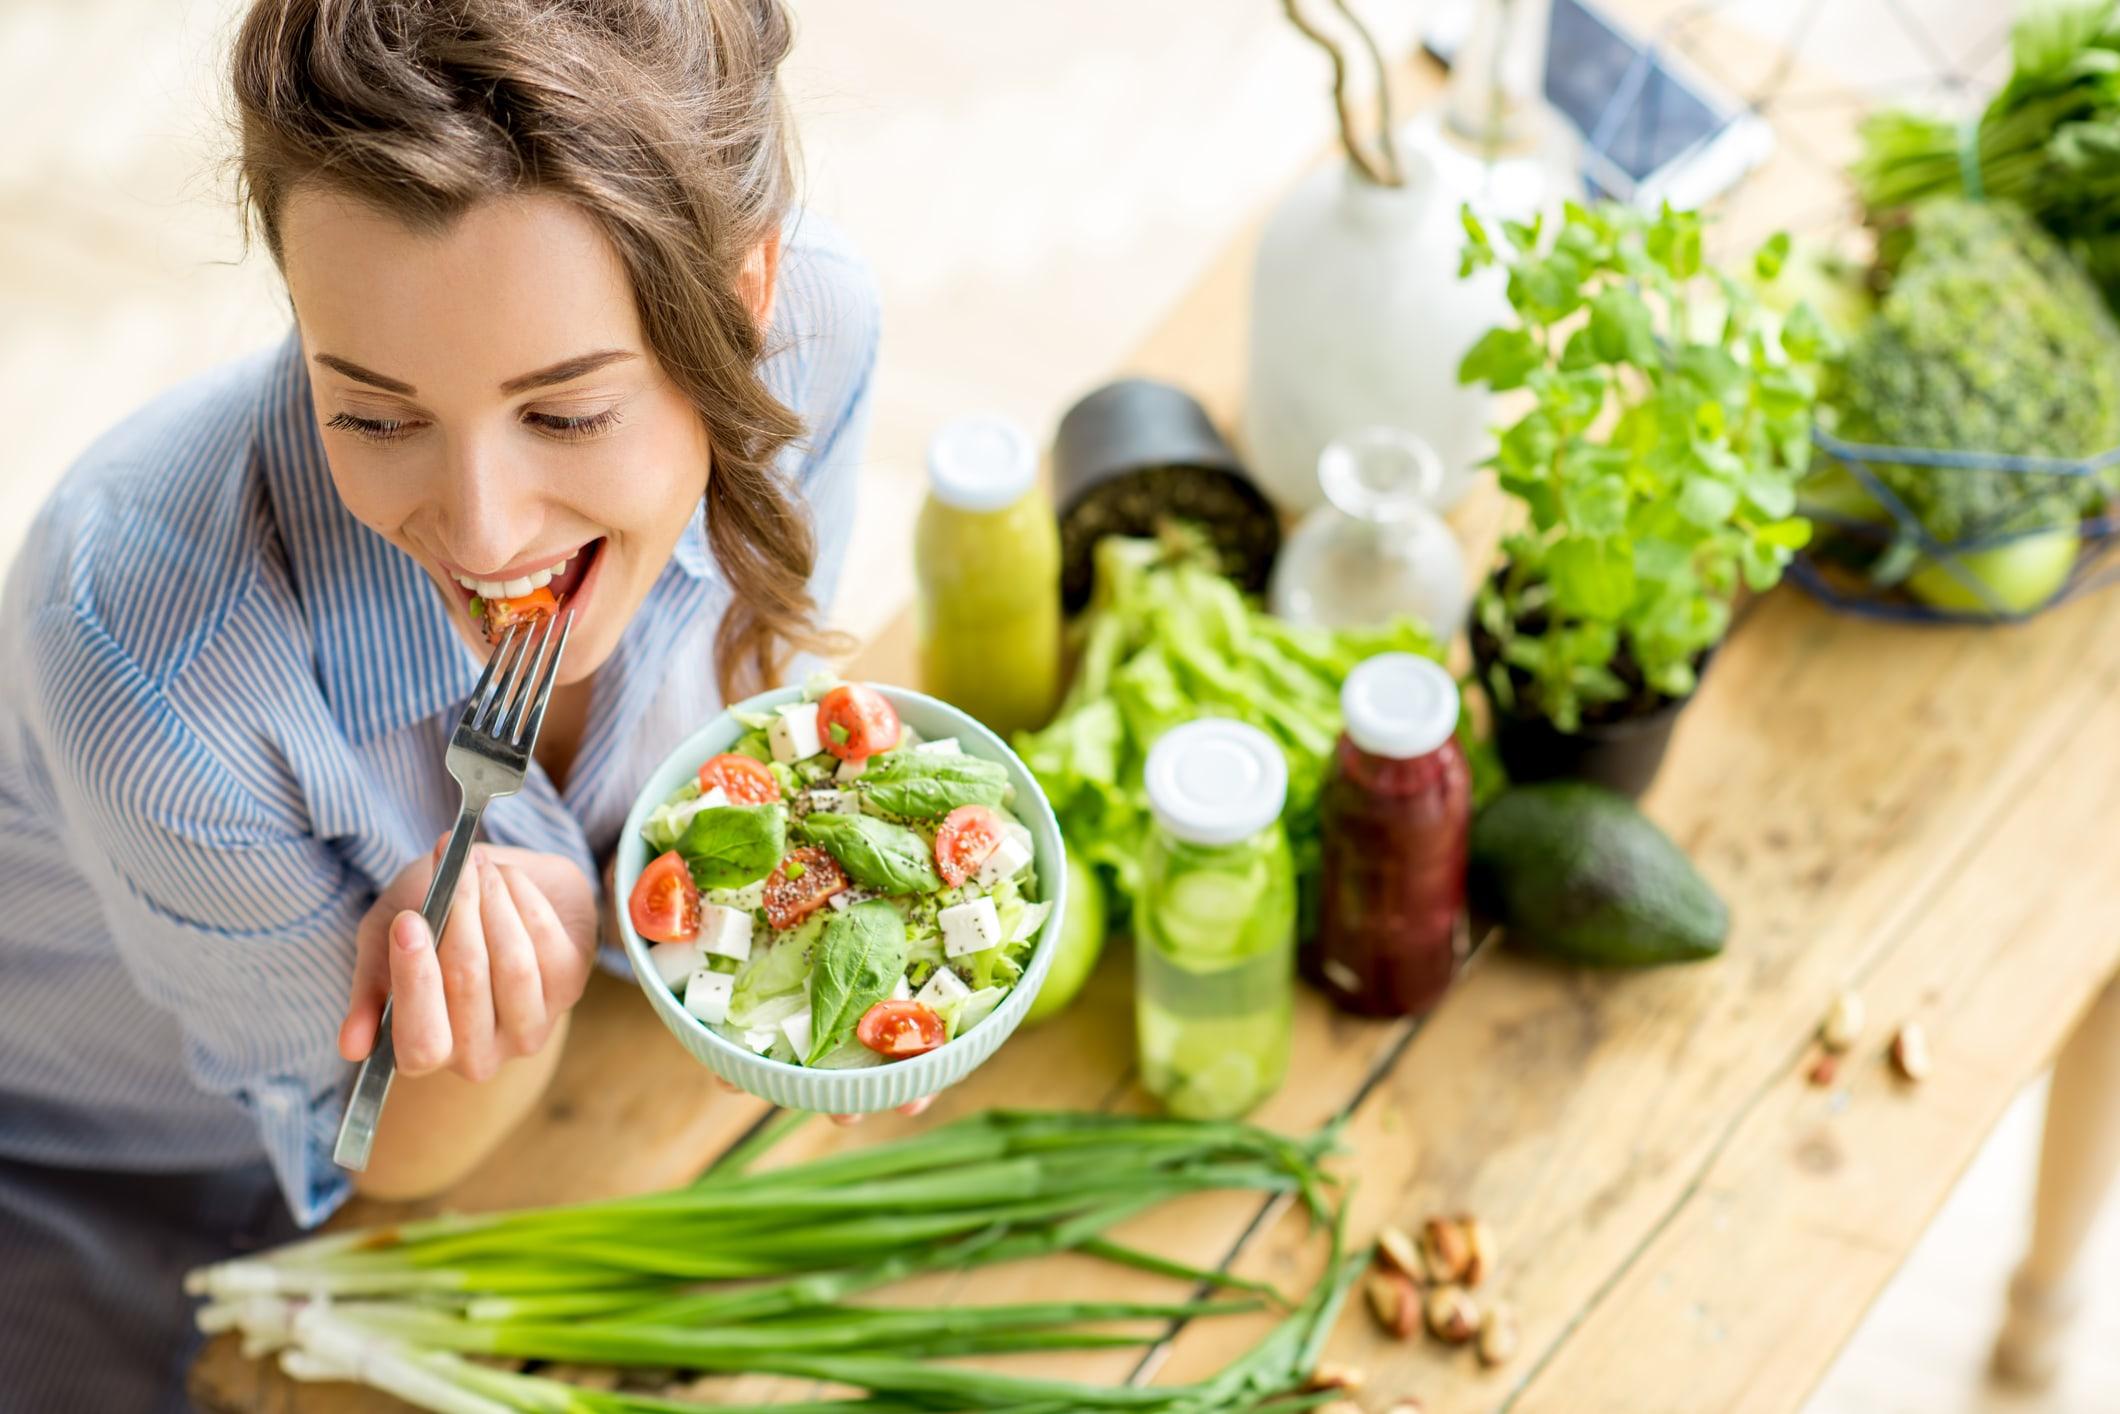 Mädchen isst Salat